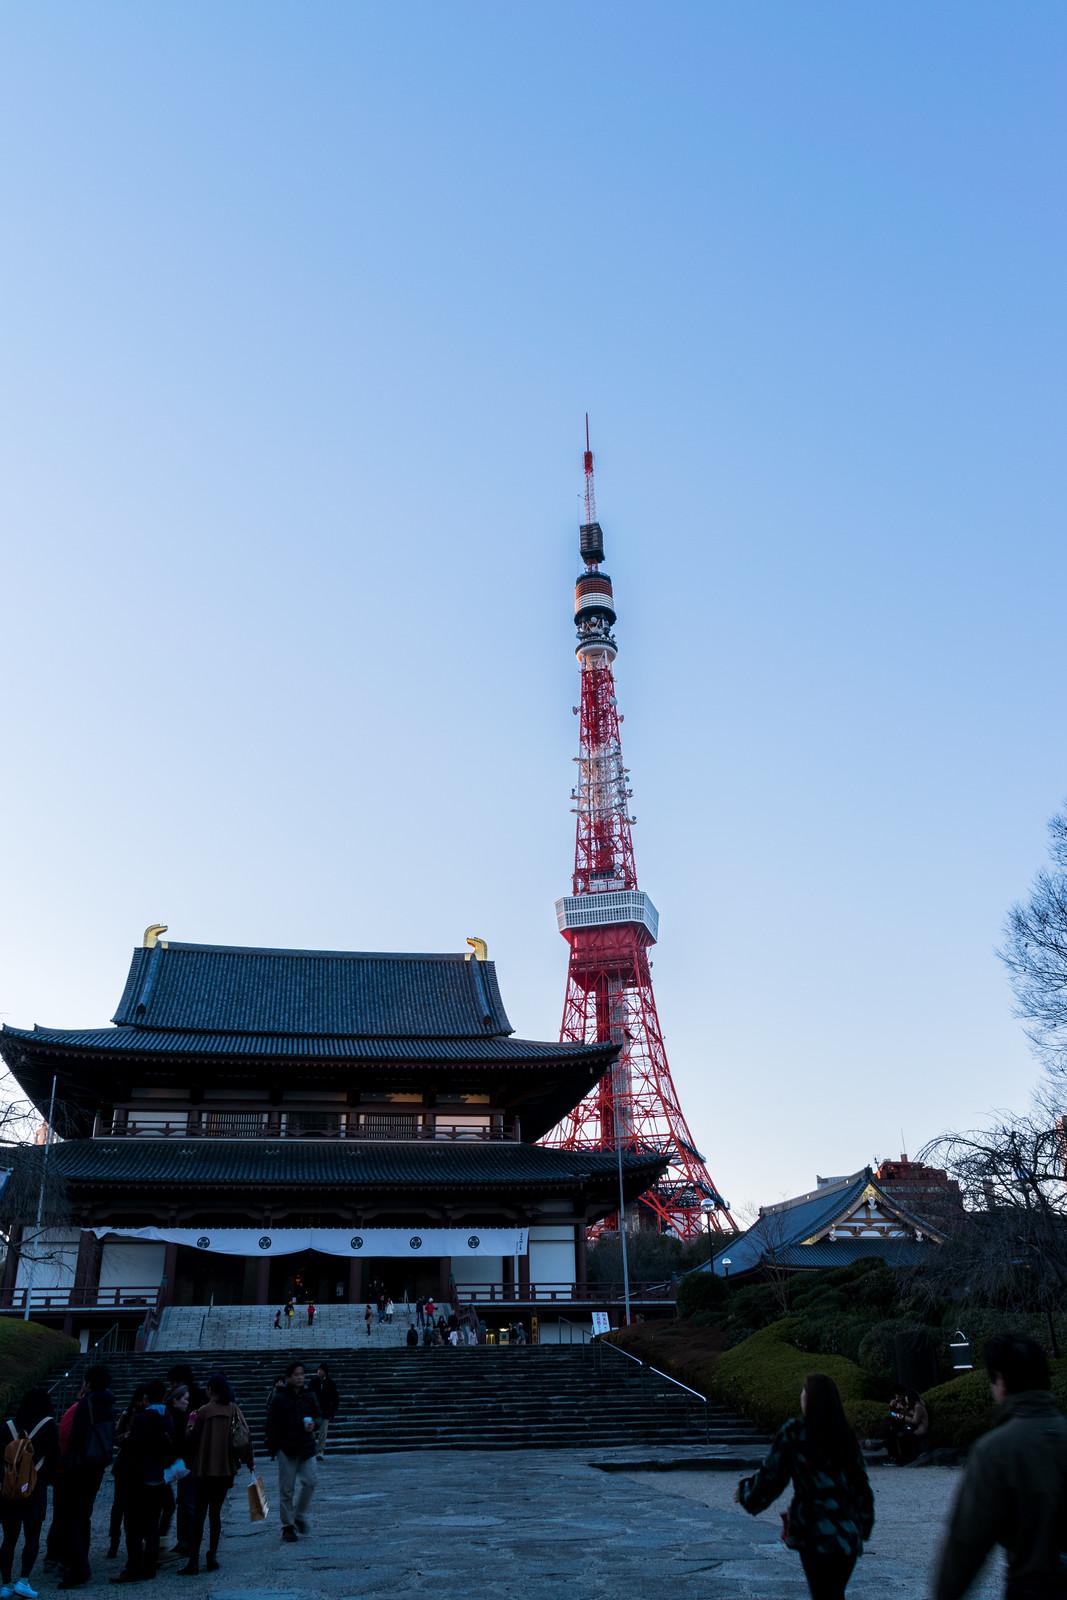 2014/01/19 増上寺 東京タワー